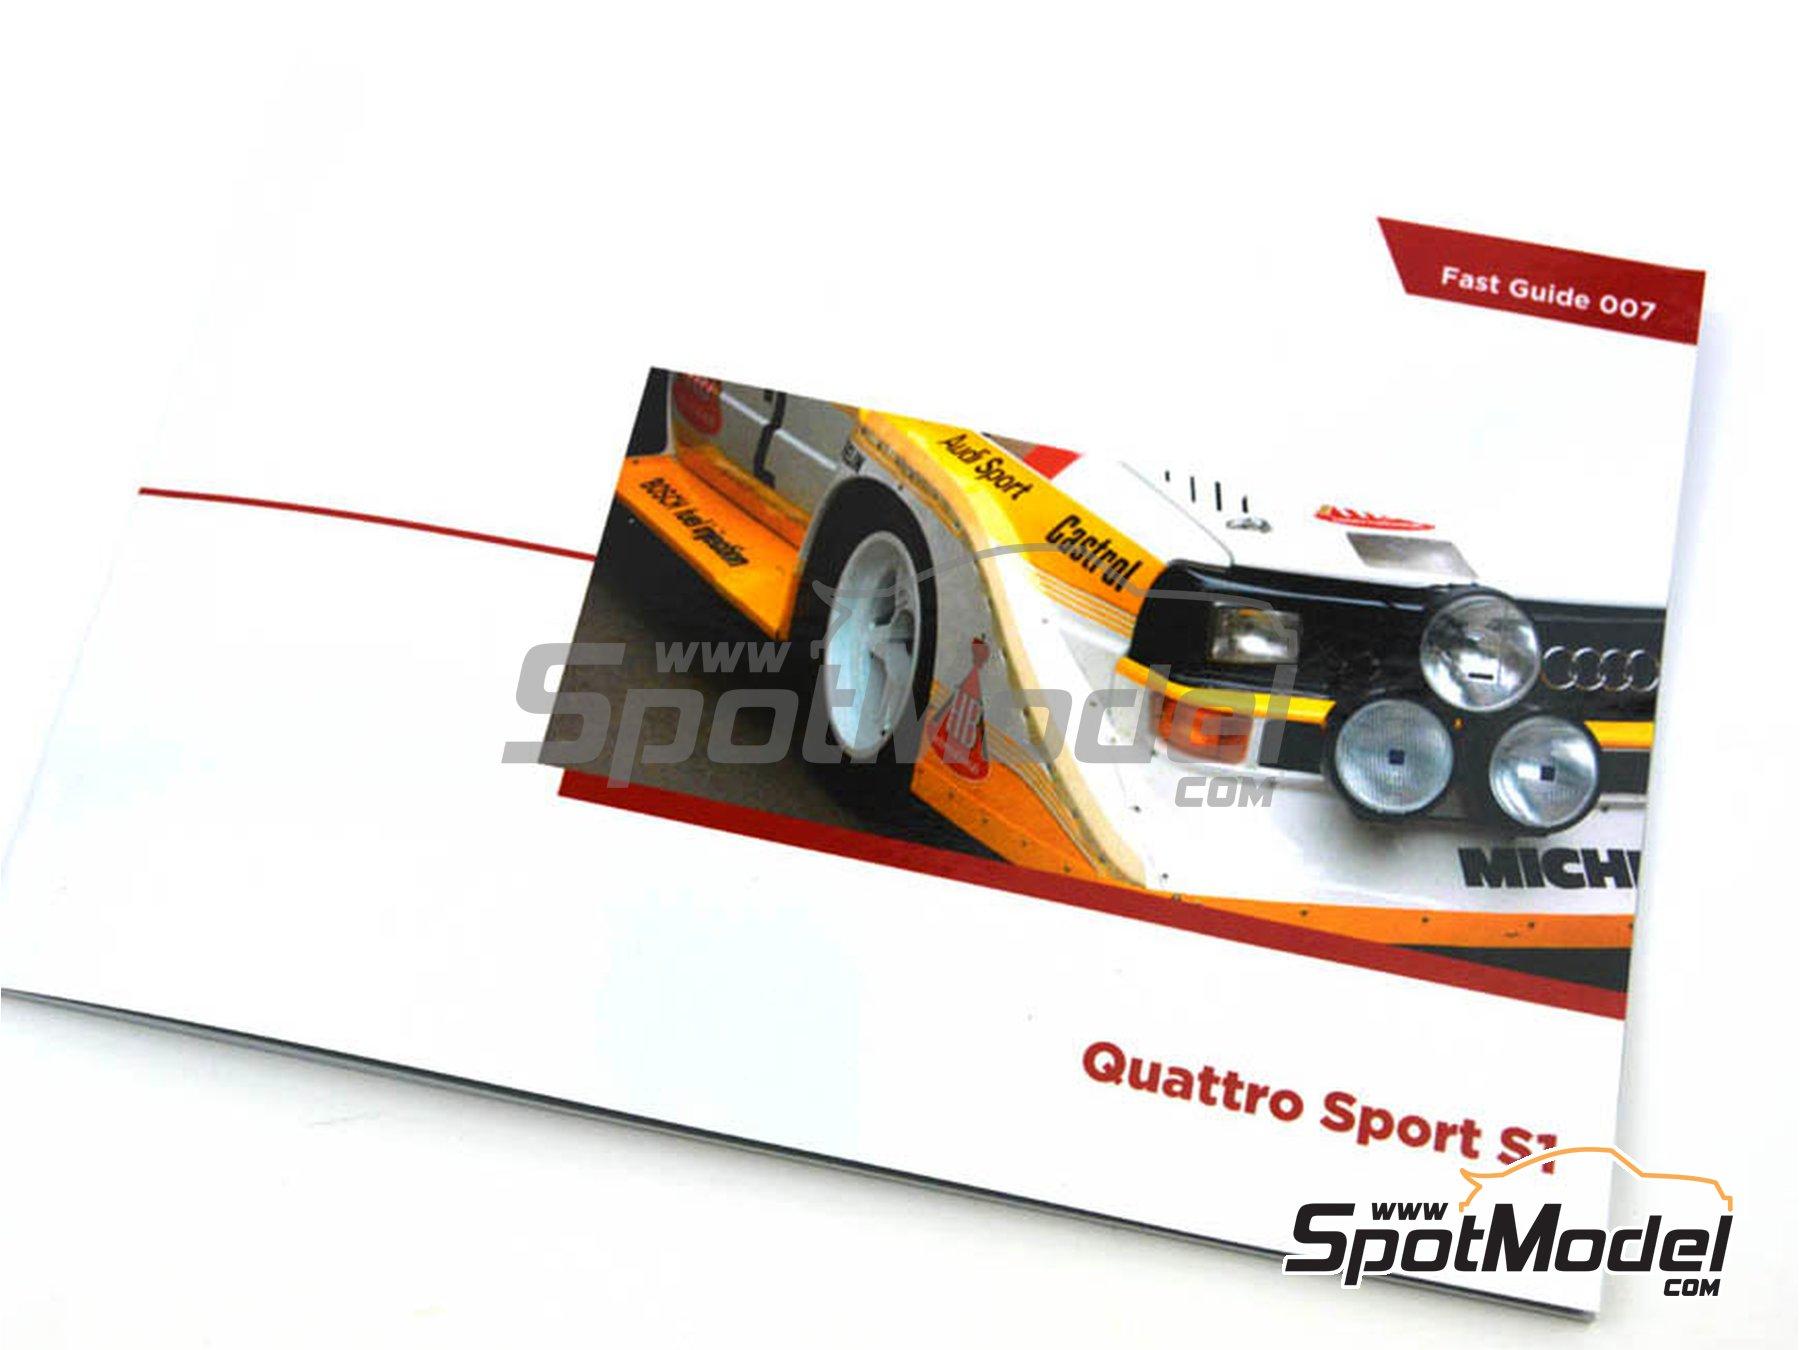 Image 1: Audi Quattro Sport S1 | Libro de referencia fabricado por Komakai (ref.KOM-FG007)